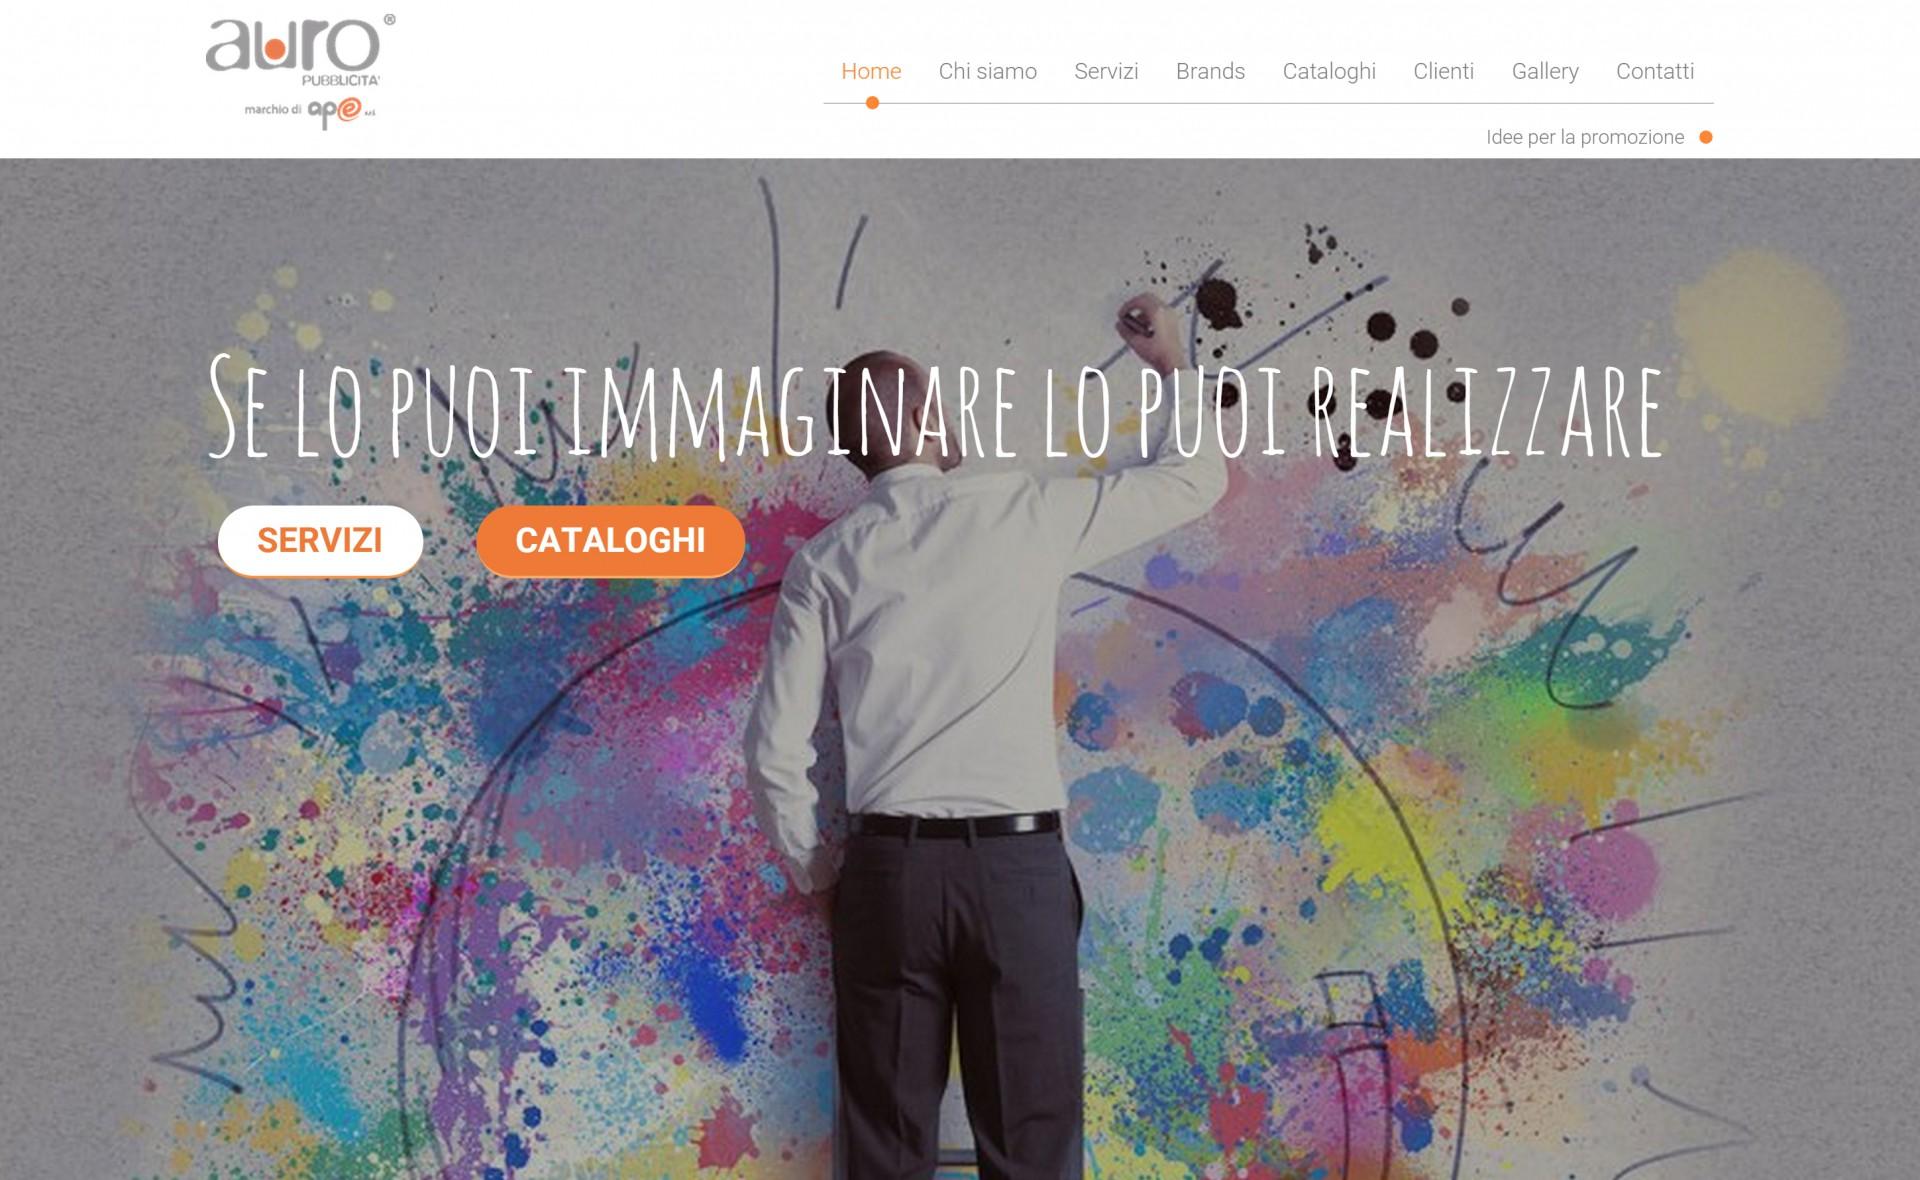 auro pubblicità - Lavoro web - Michele Settembre